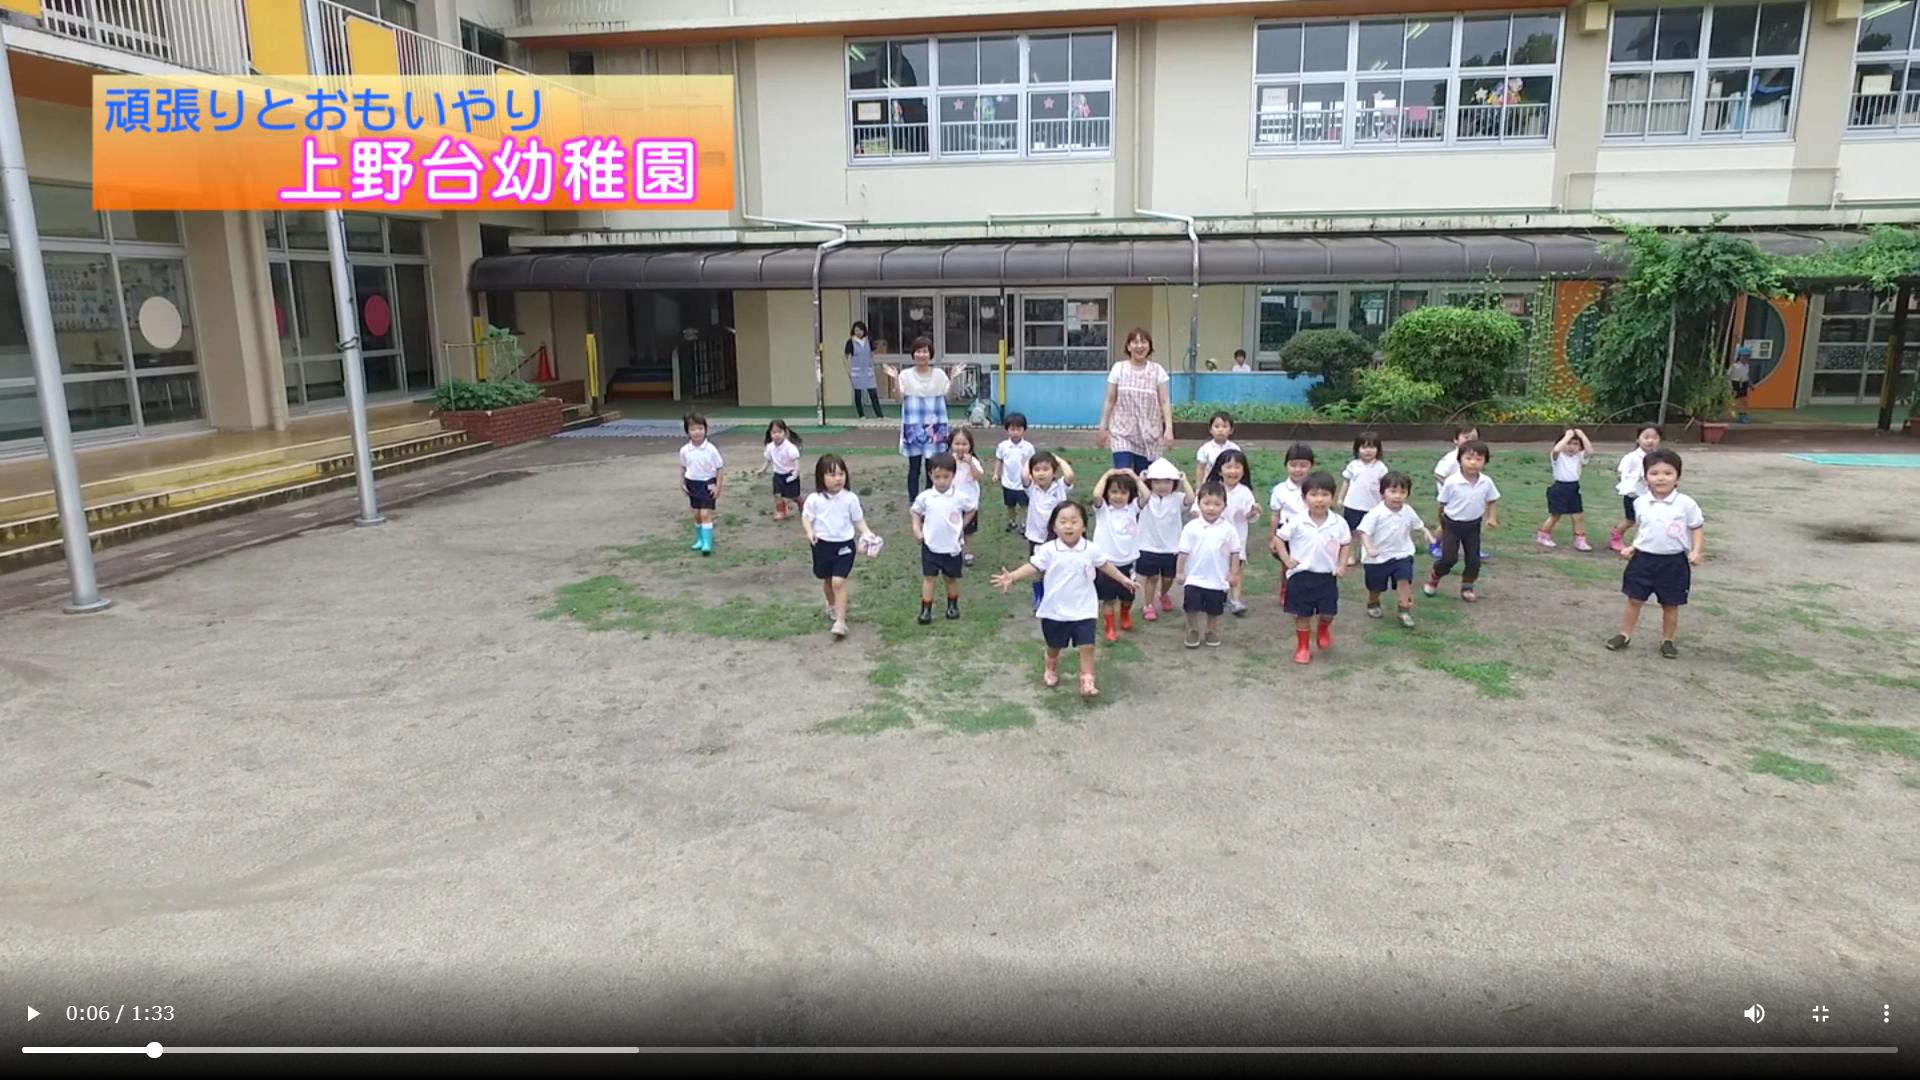 上野台幼稚園園の一日動画イメージ